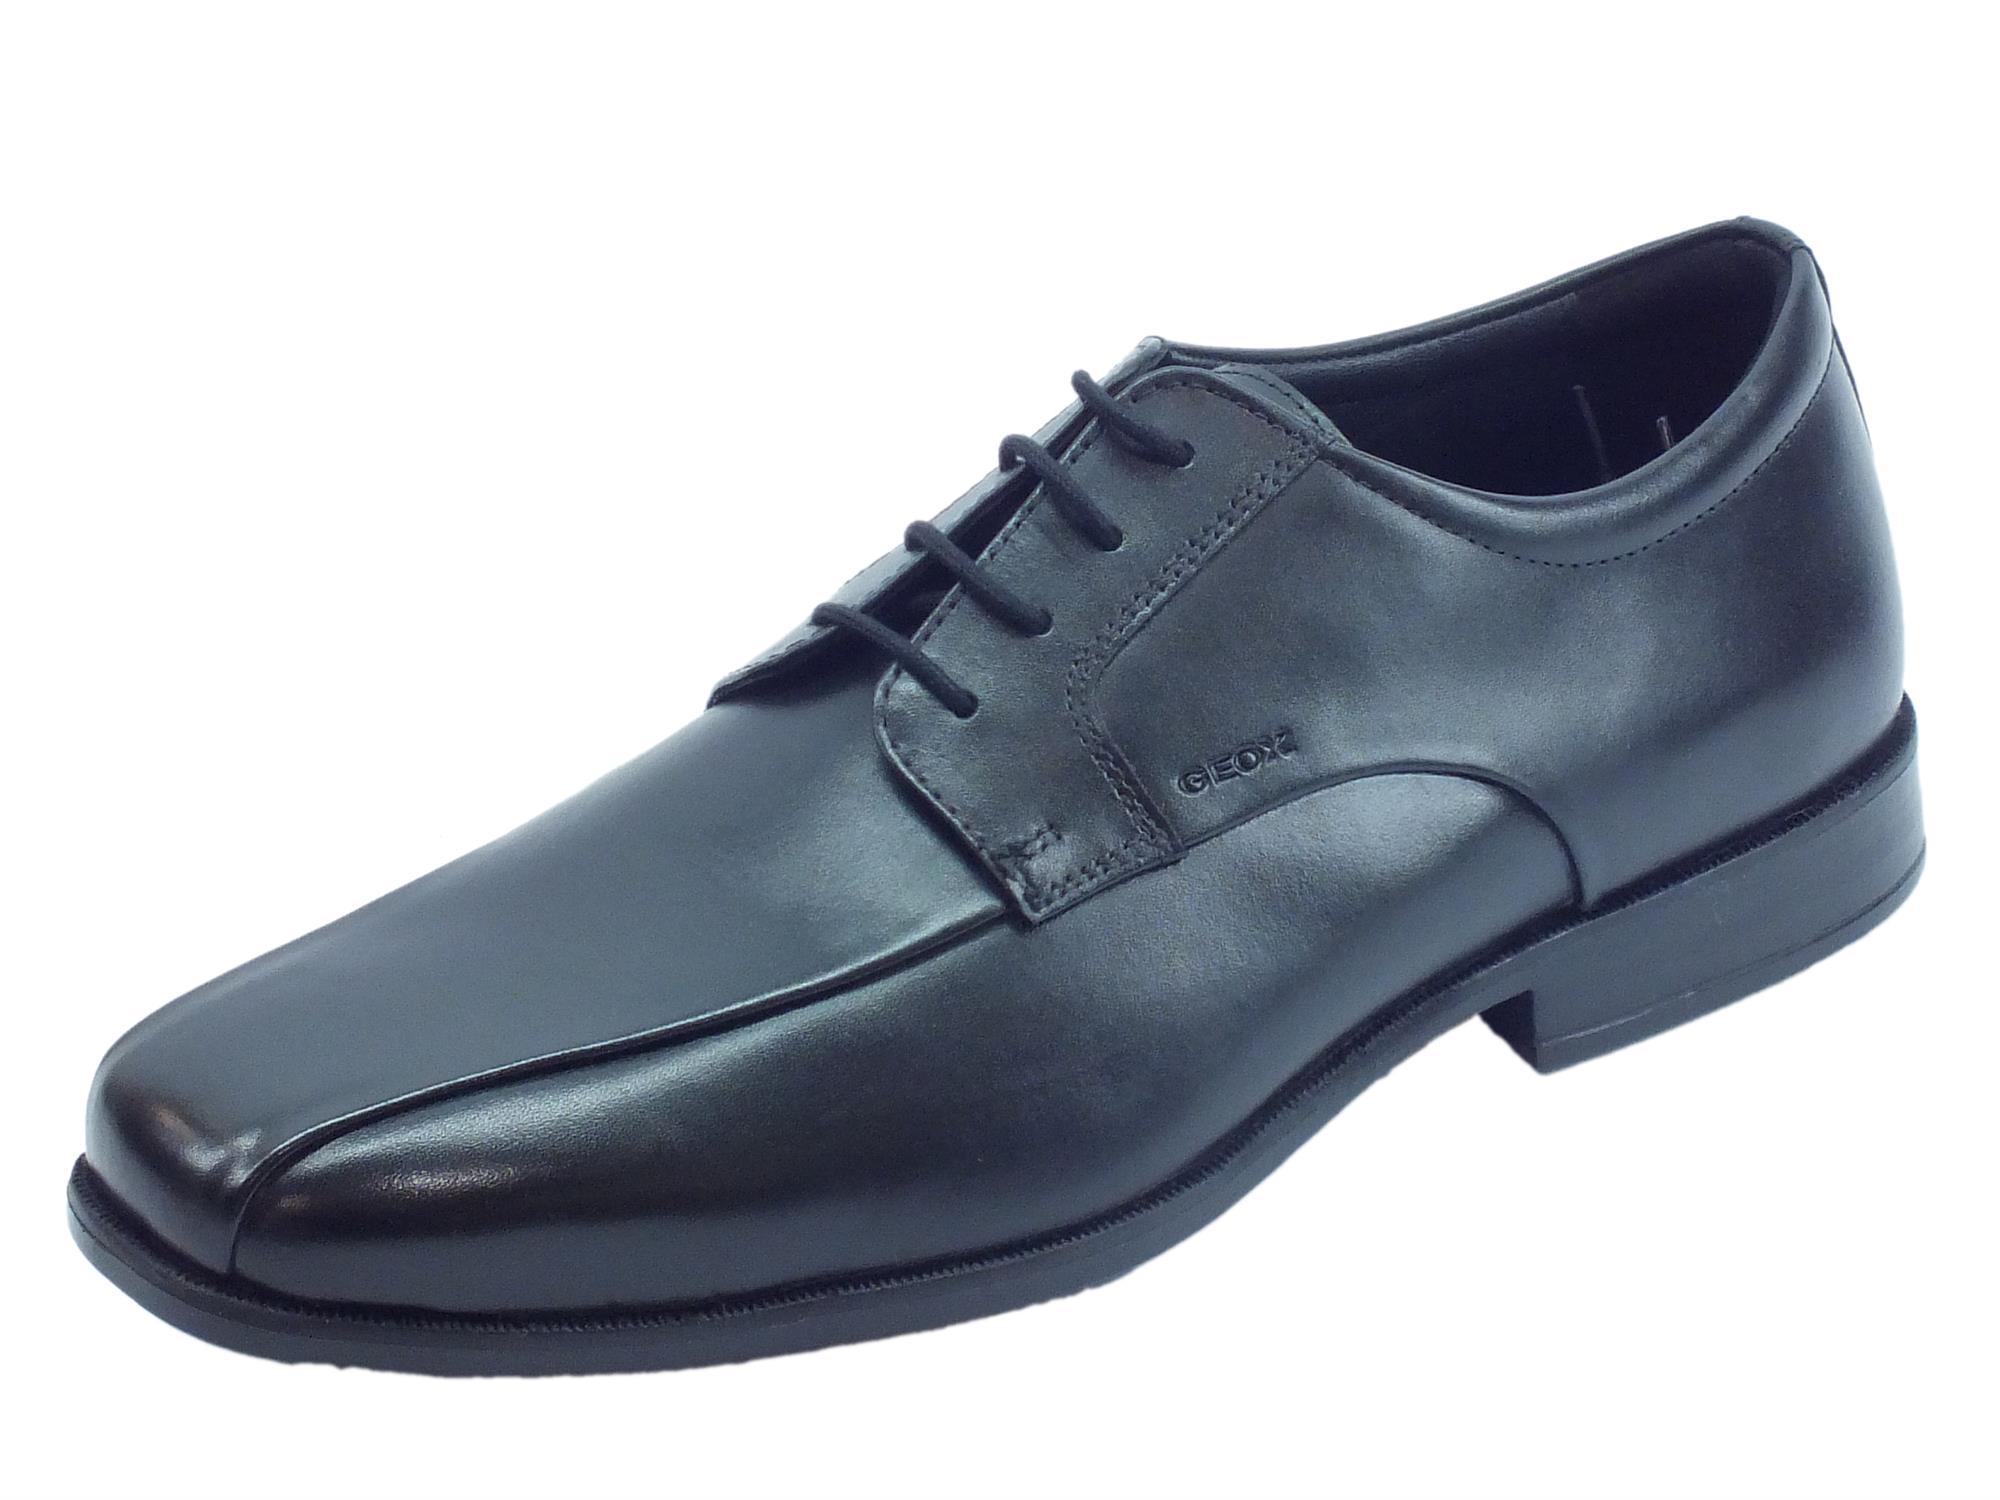 Dialecto Referéndum Merecer  capo battere piatto scarpe classiche geox - walterleonardi.it